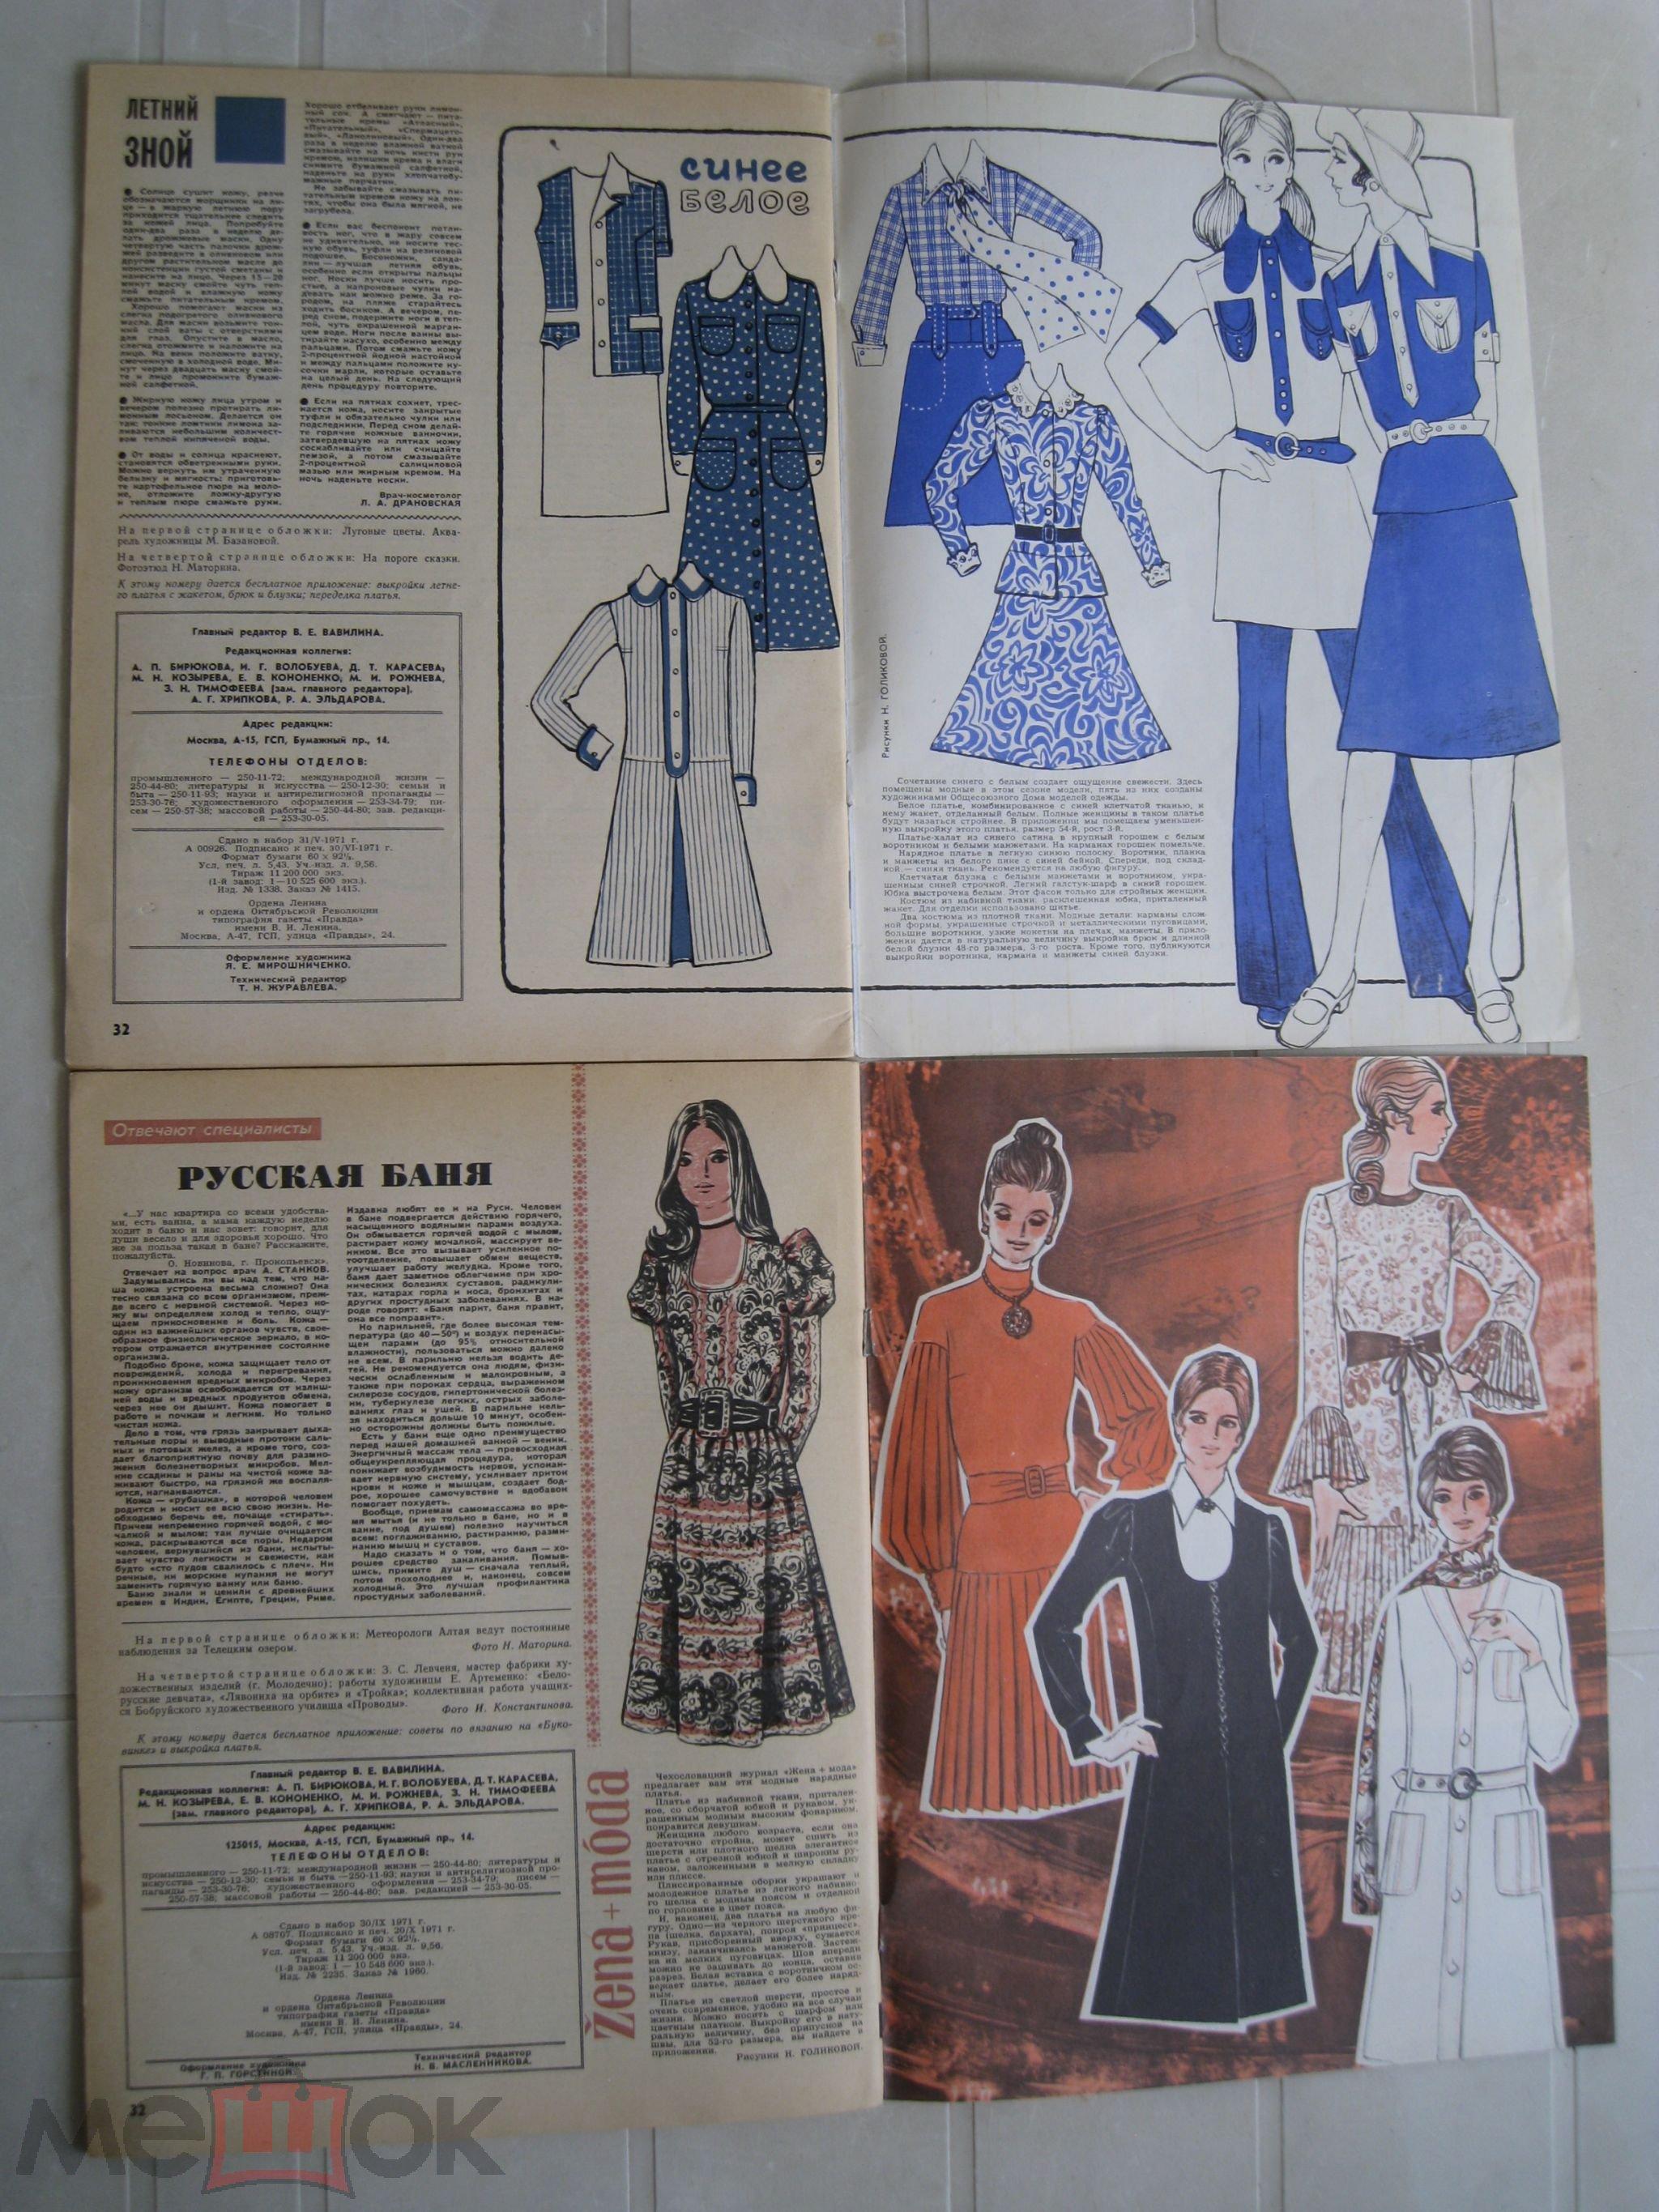 Журнал Работница 1971 г. №1-12 Годовой комплект Дети Мода Выкройки Домоводство Реклама Винтаж Соцарт